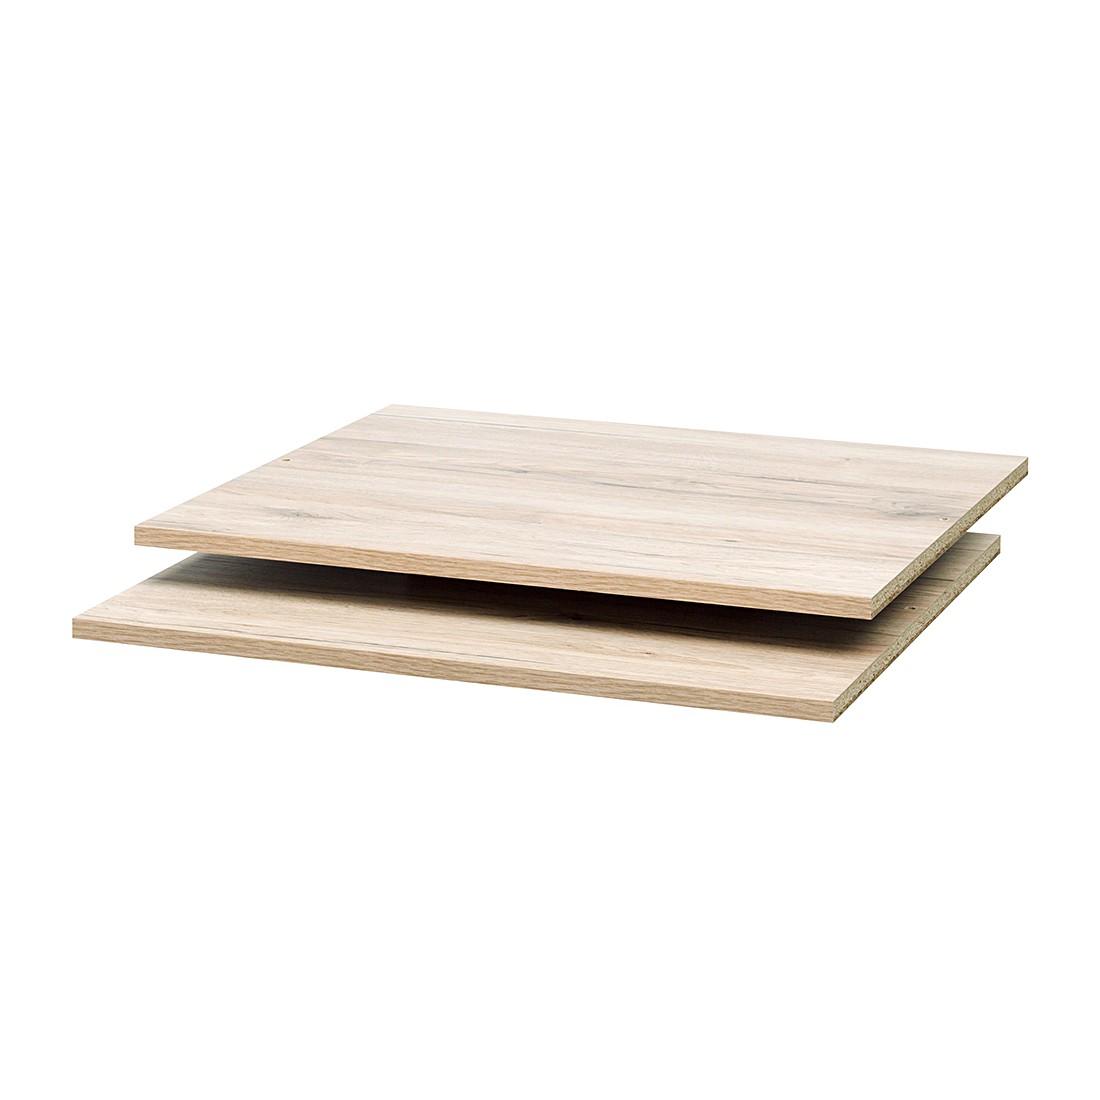 Inlegplanken Soft Smart I (2-delige set) - Sanremo eikenhouten look - voor breedte 120 cm/diepte 42 cm, Cs Schmal